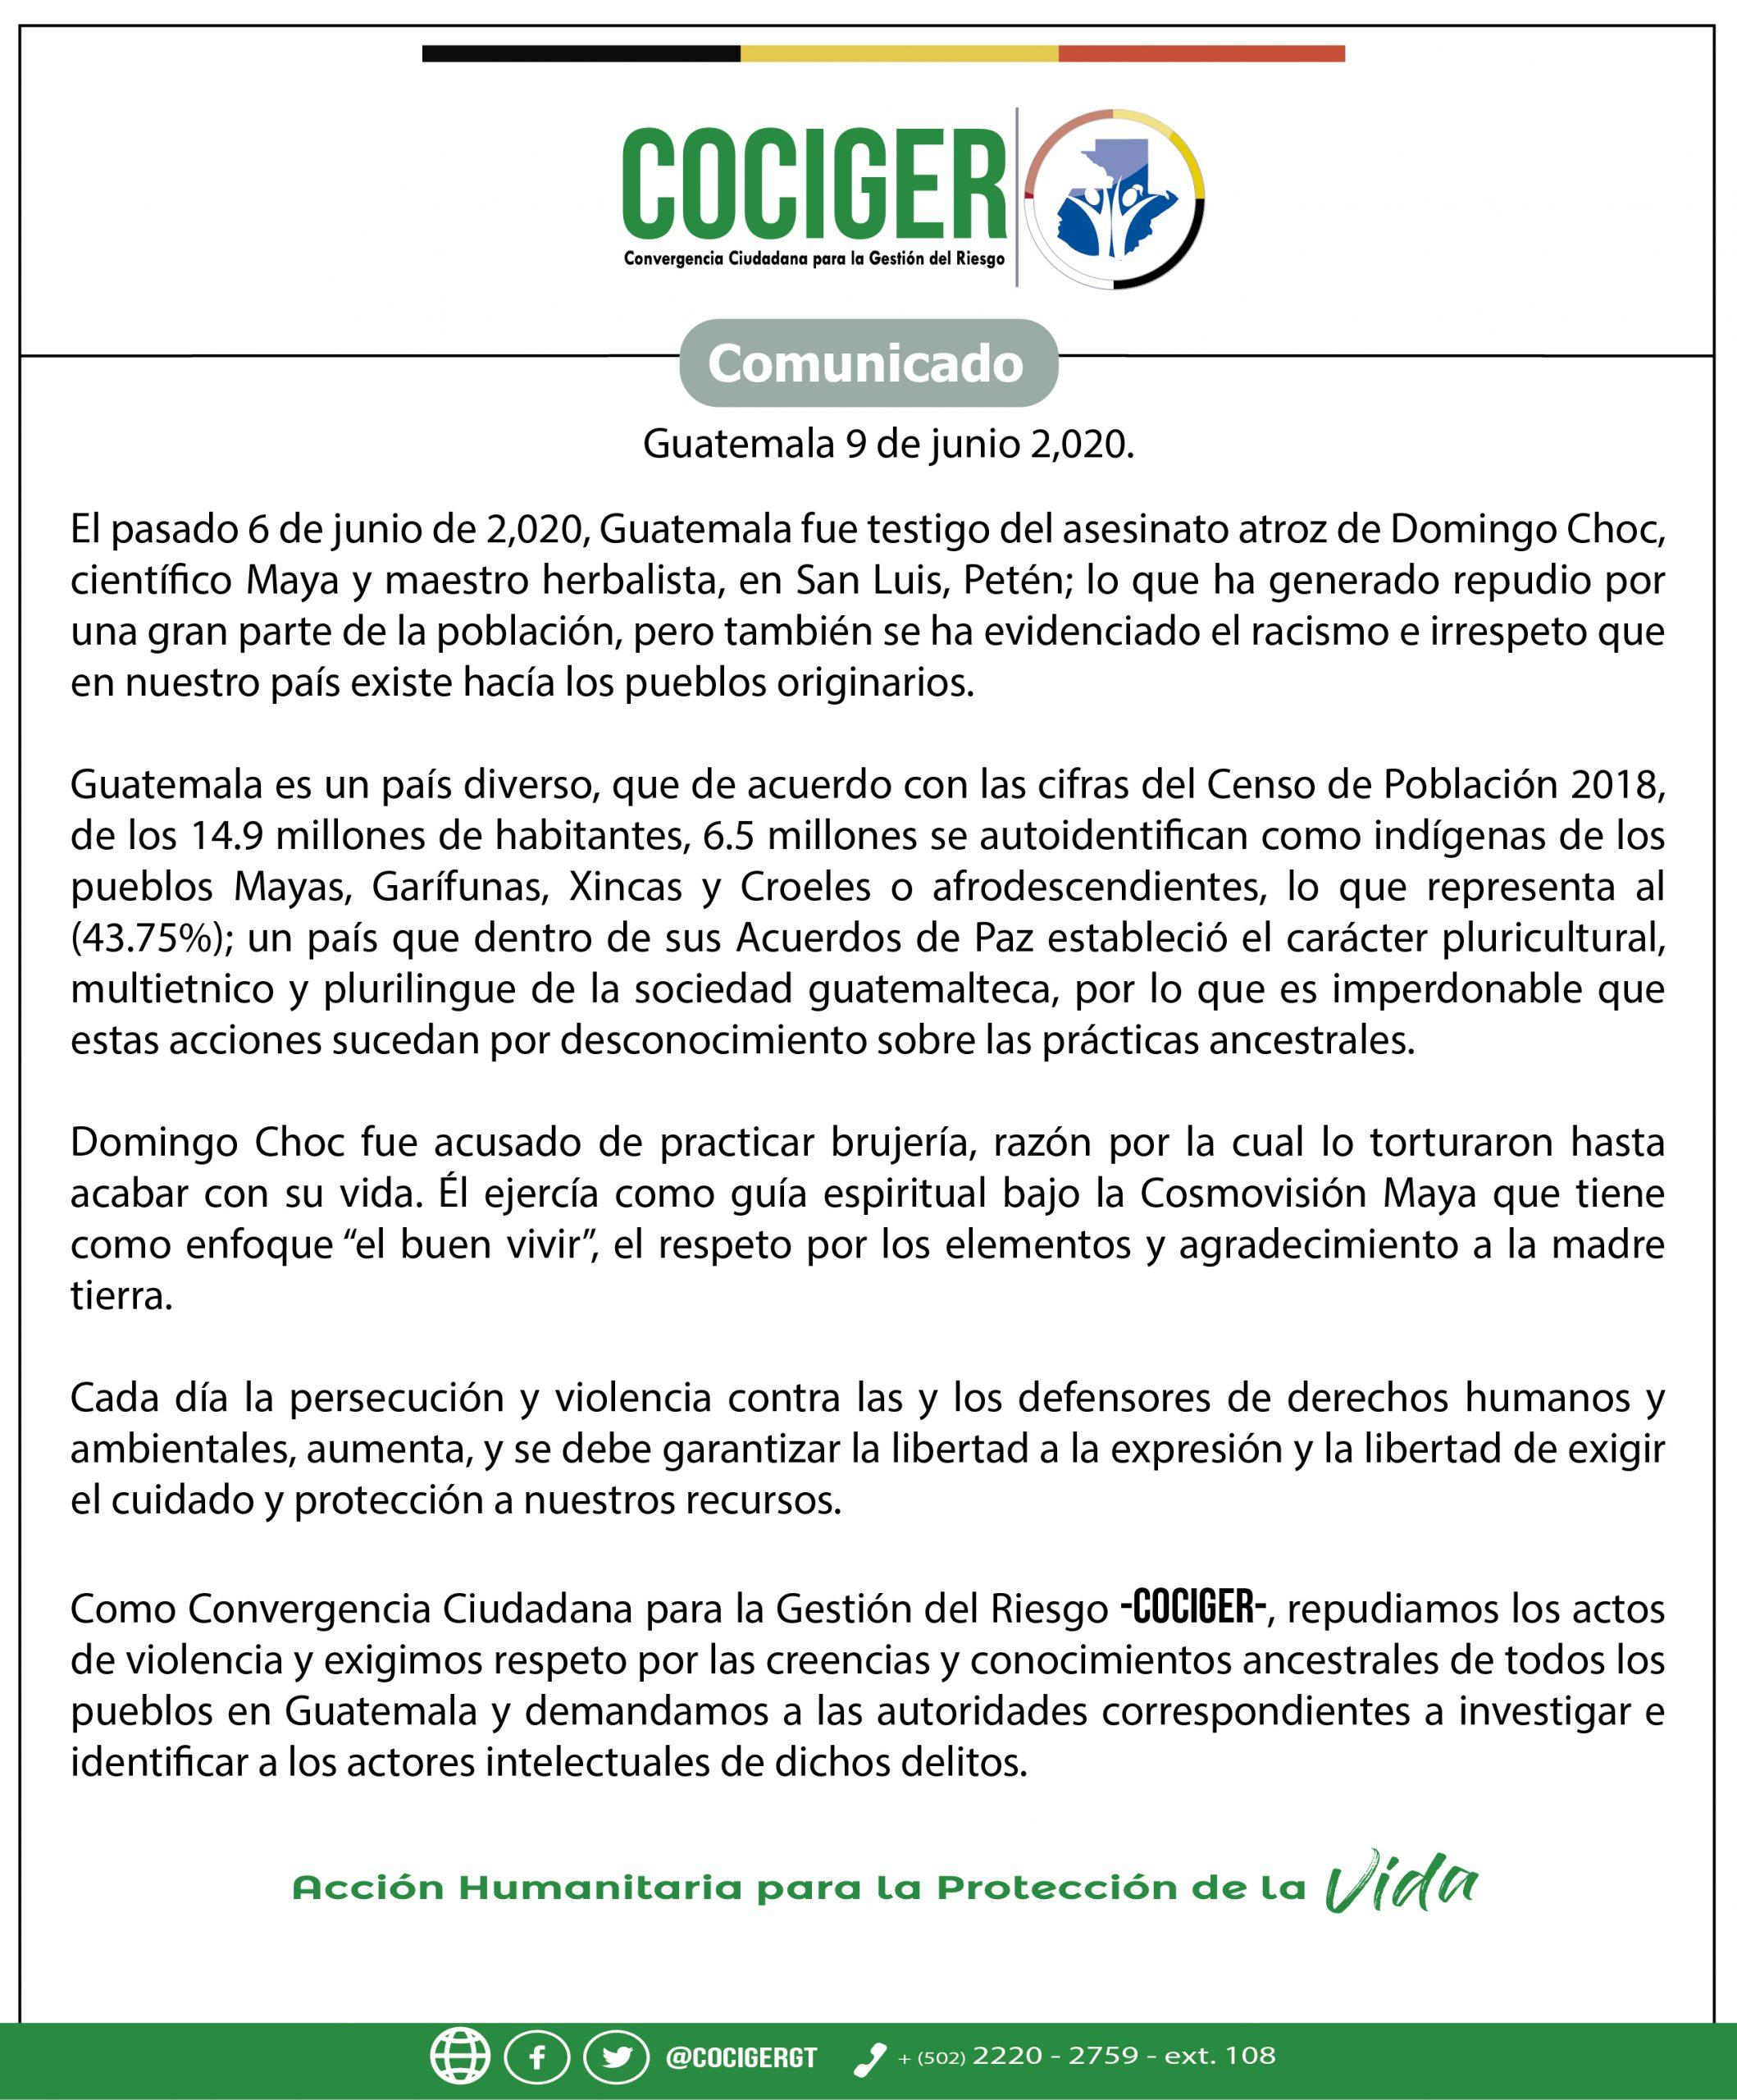 Pronunciamiento de #COCIGER sobre el asesinato de Domingo Choc.